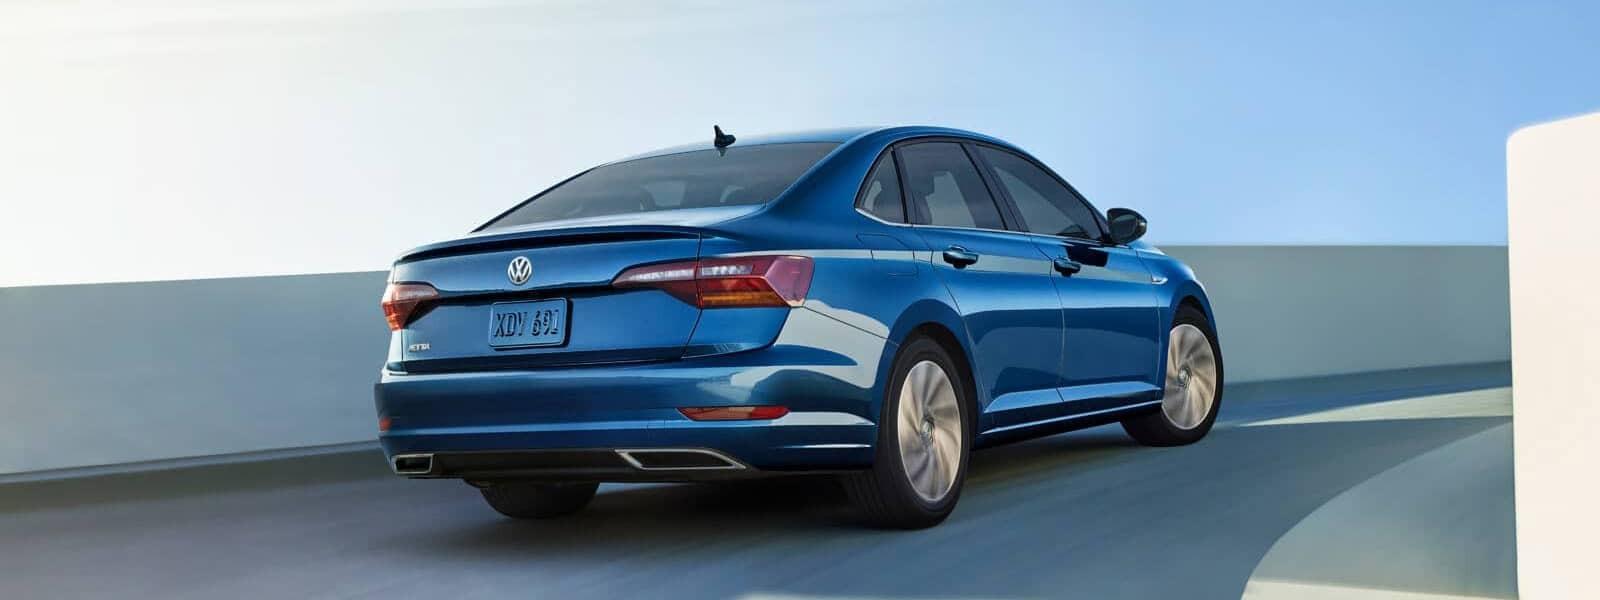 2019 Volkswagen Jetta fuel economy